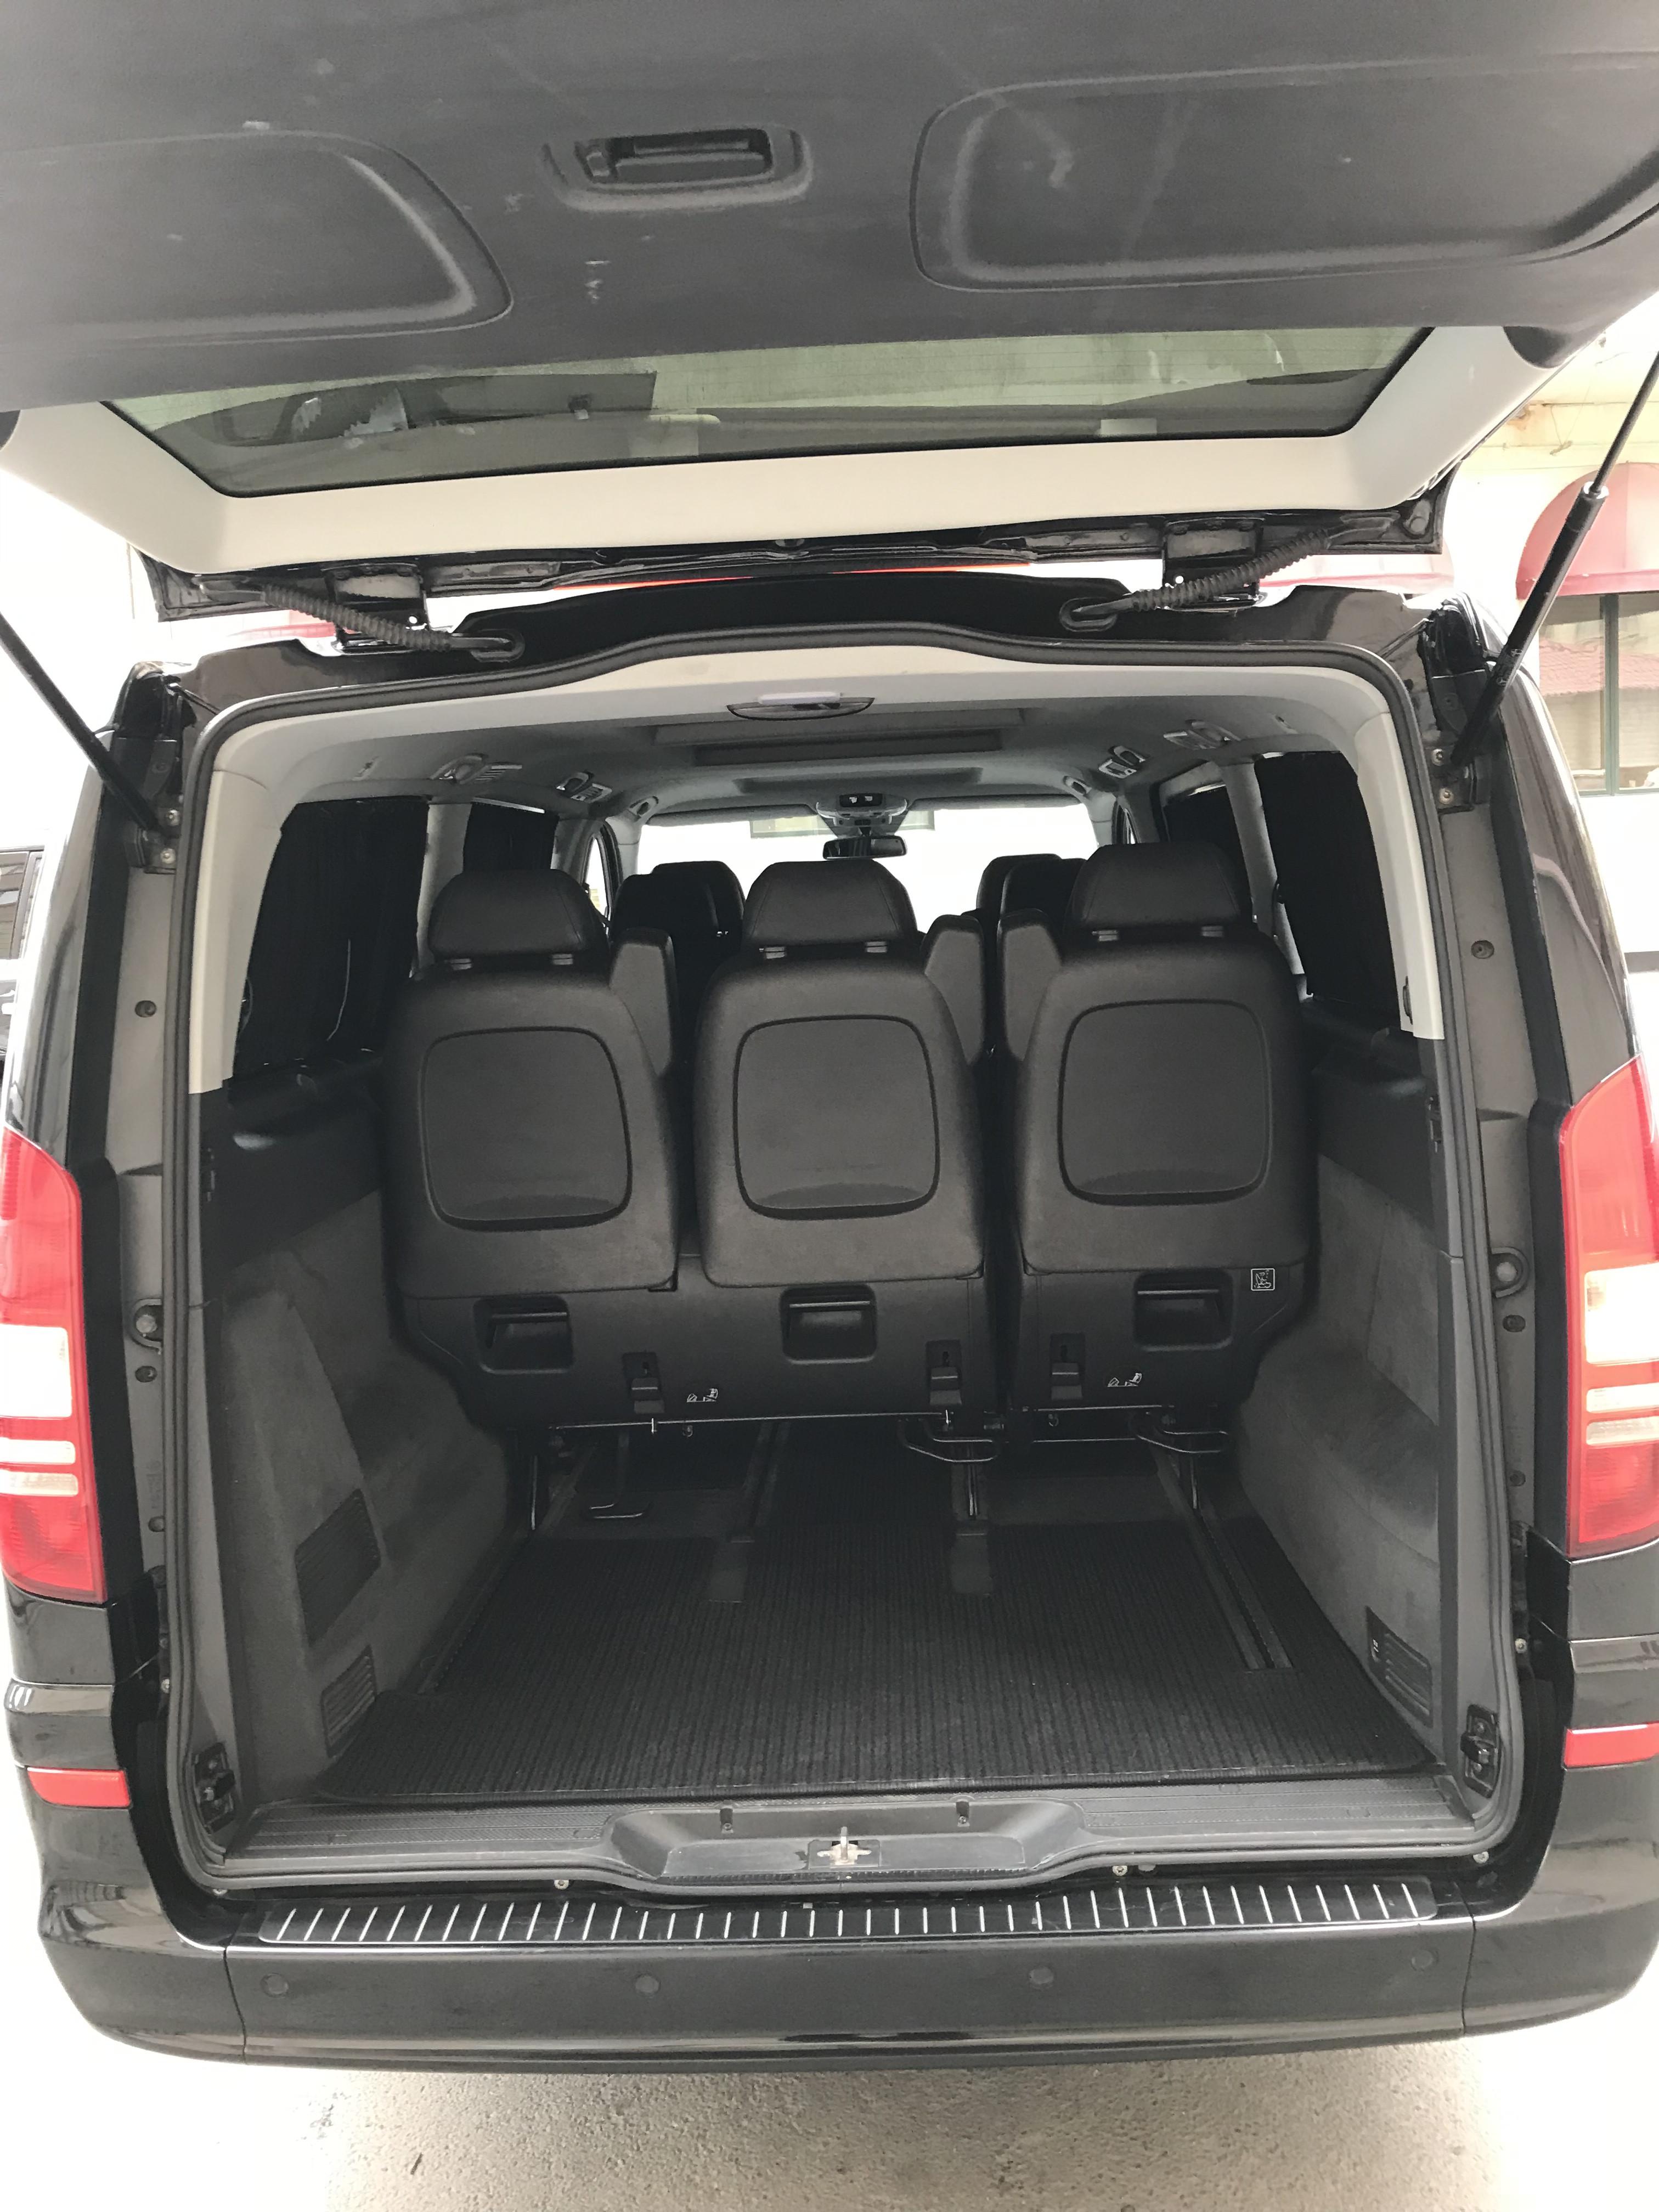 Mercedes-Benz Viano 30(lt) 2013 Подержанный  $29000